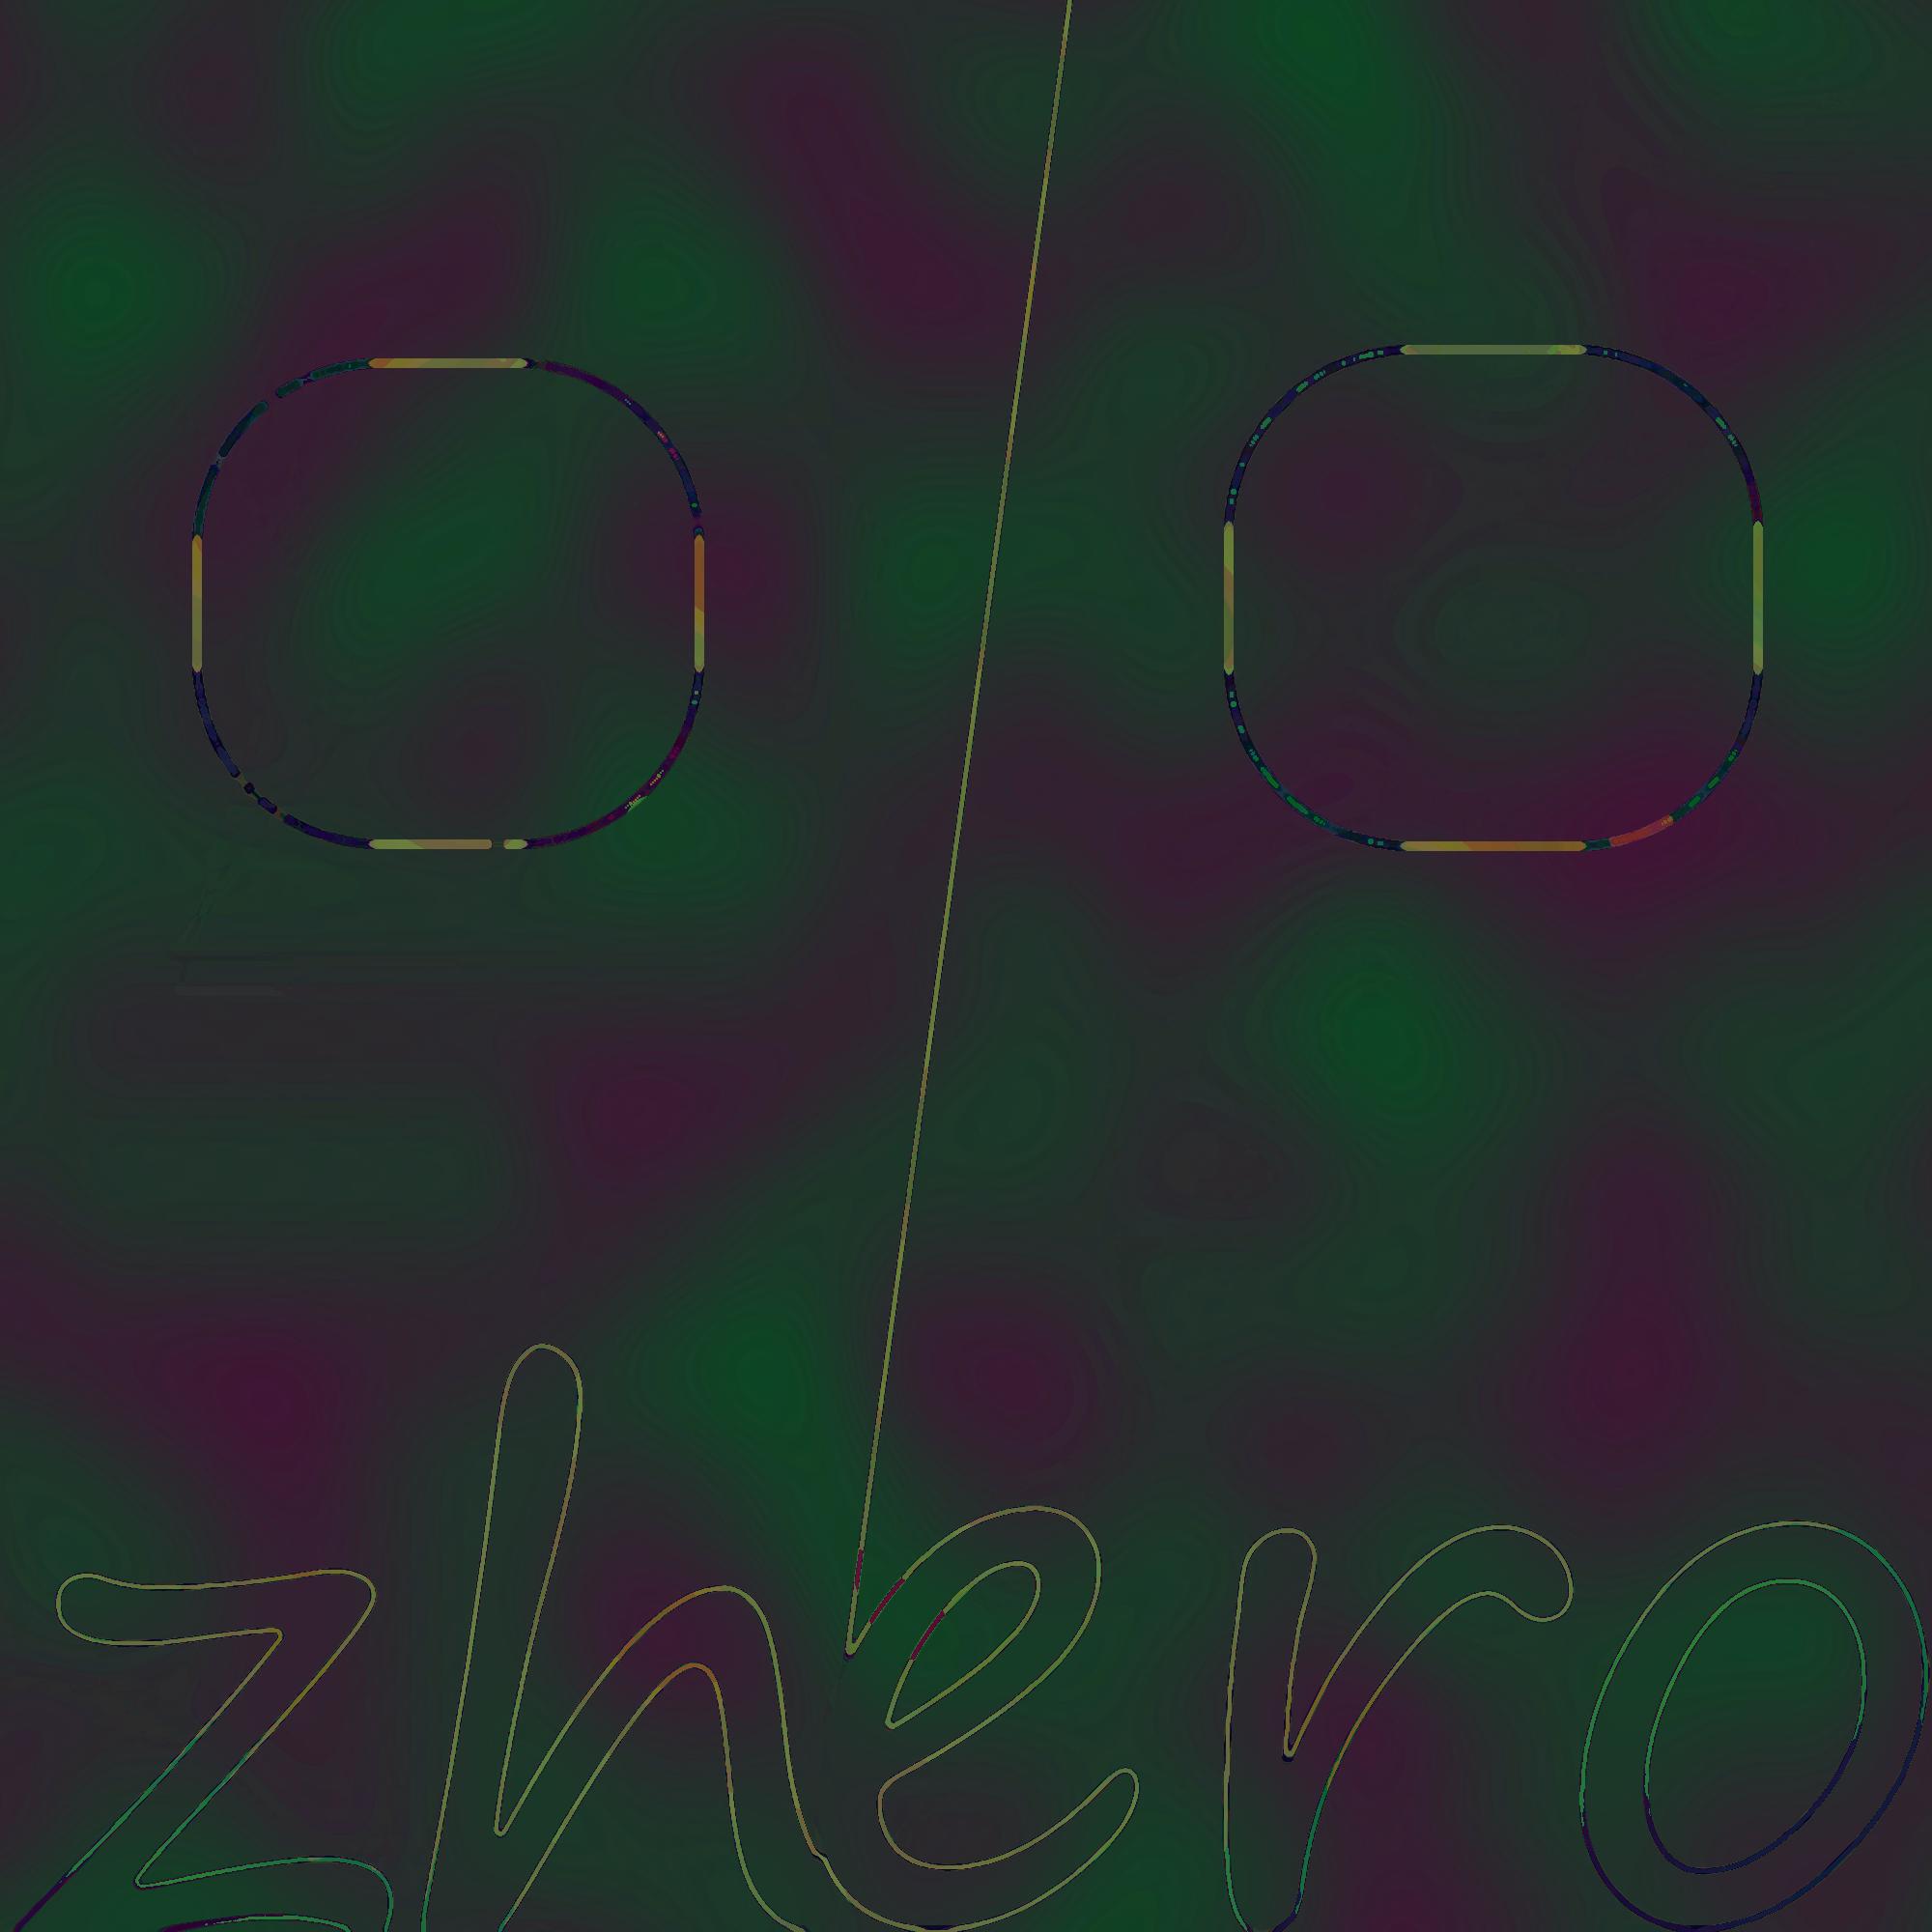 some zhero art